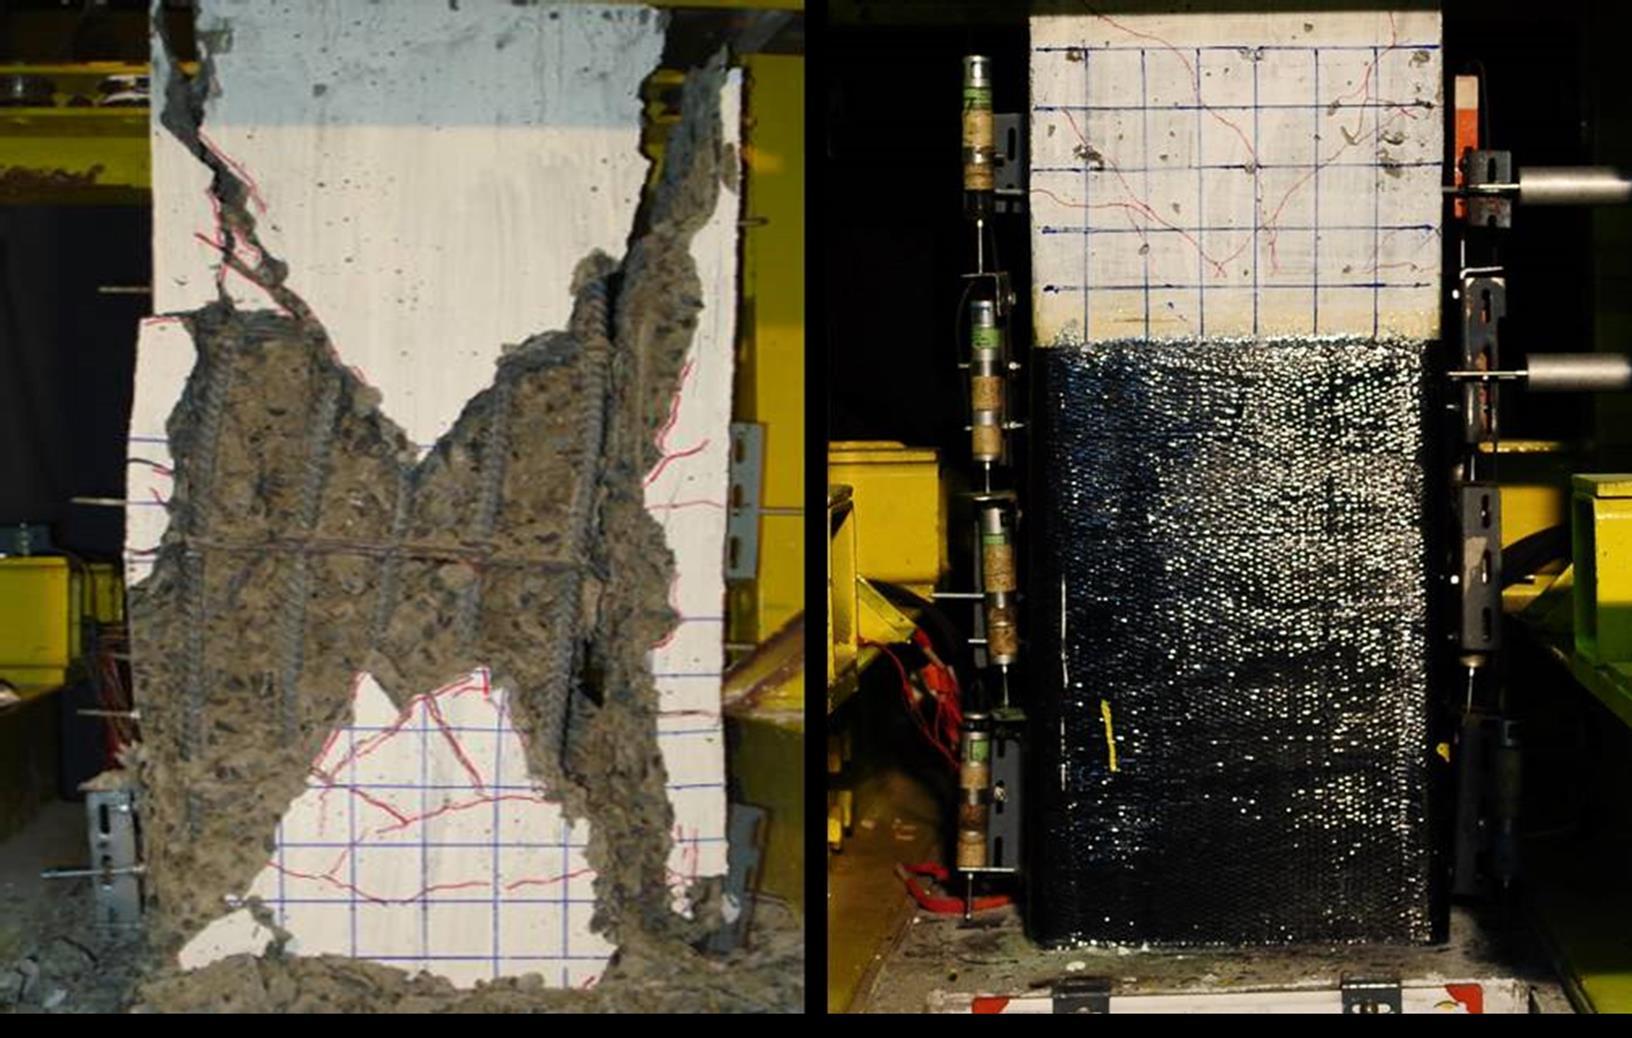 รูปที่ 4 เปรียบเทียบผลการทดสอบเสาที่ไม่ได้หุ้มด้วยแผ่นคาร์บอนไฟเบอร์ (ซ้าย) และเสาที่หุ้มด้วยแผ่นคาร์บอนไฟเบอร์ (ขวา)